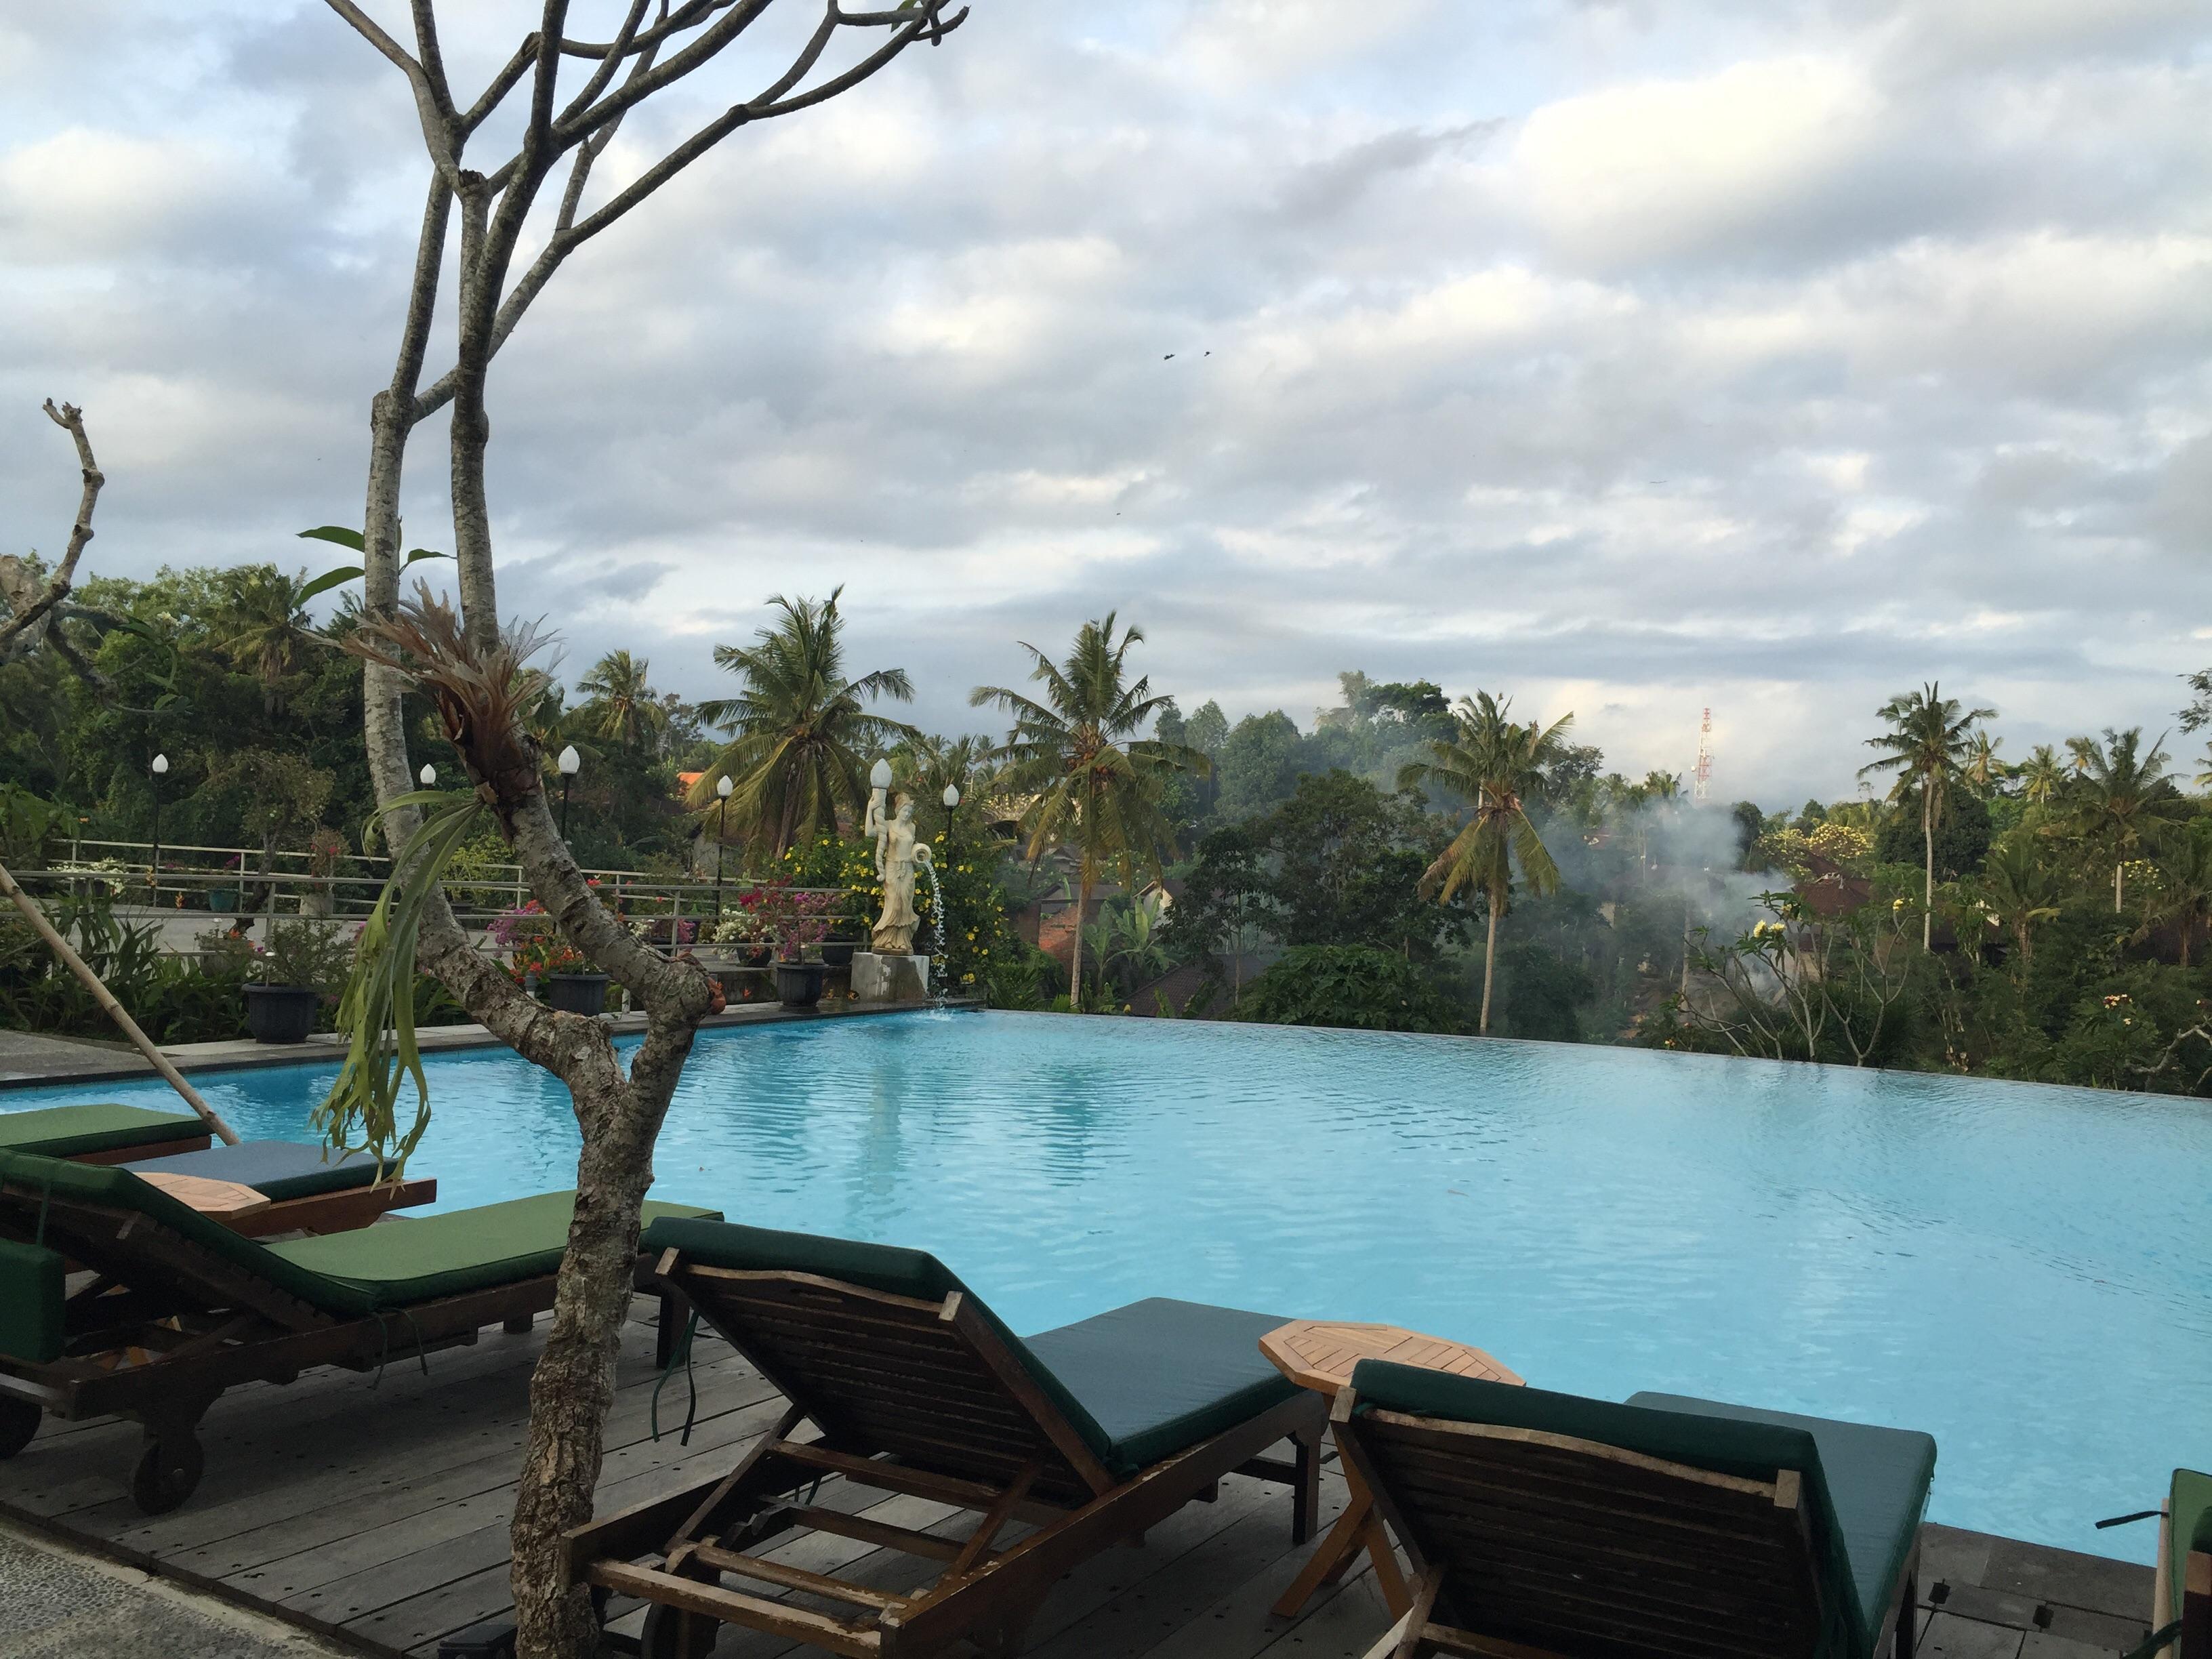 巴厘岛6天5晚游>私人游艇梦之帆蓝梦岛出海,独栋泳池